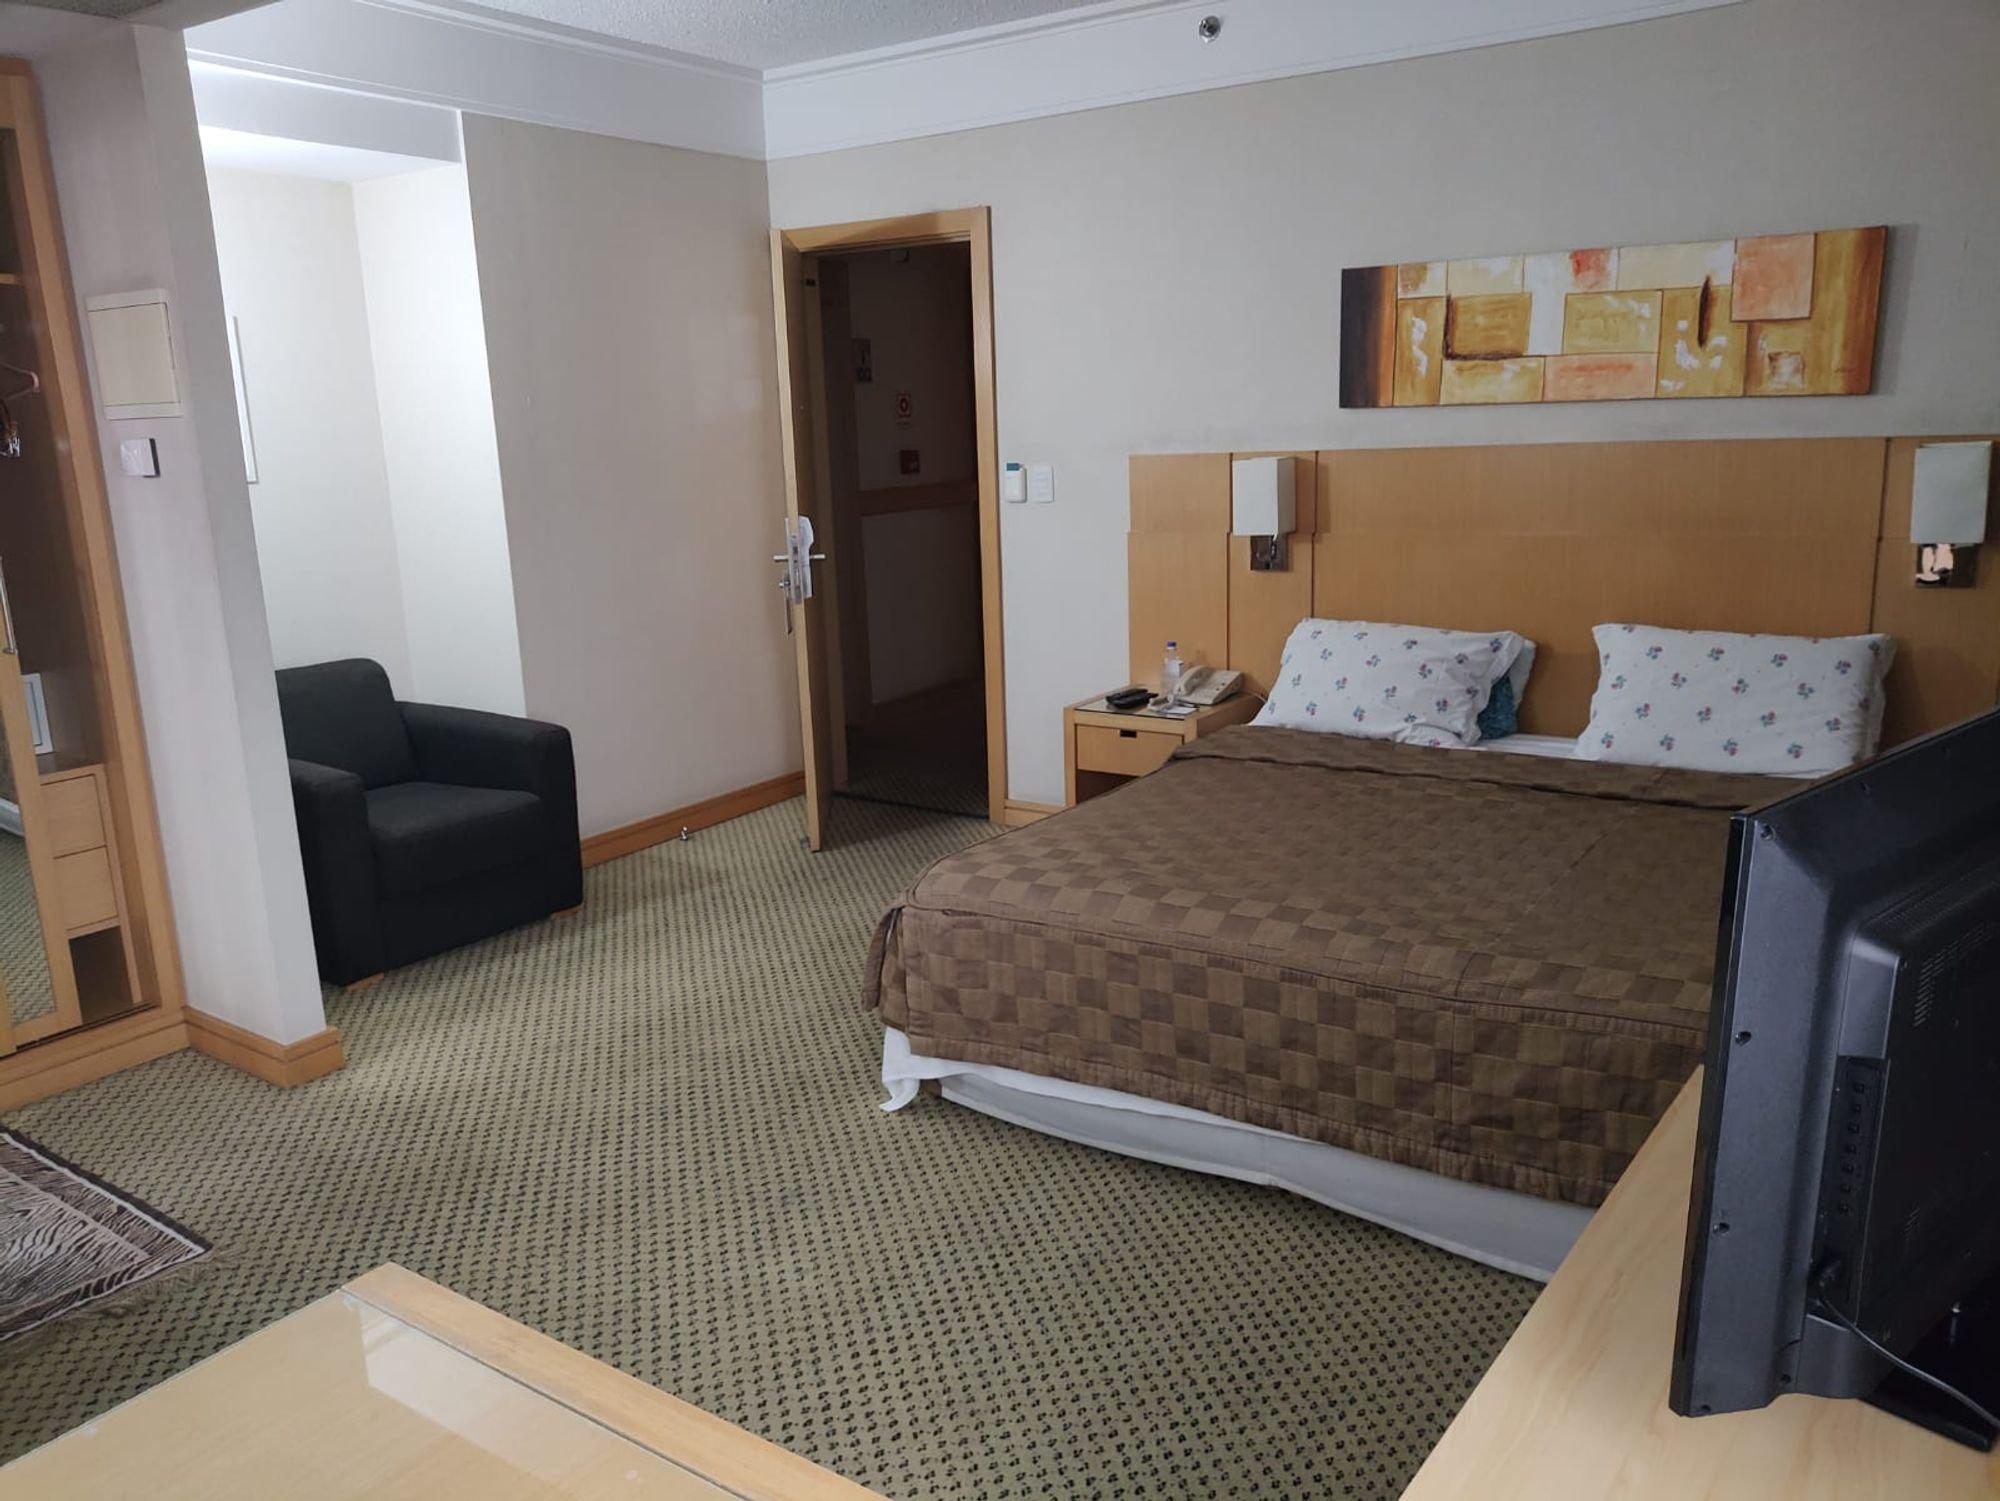 Foto de Quarto com cama, televisão, garrafa, cadeira